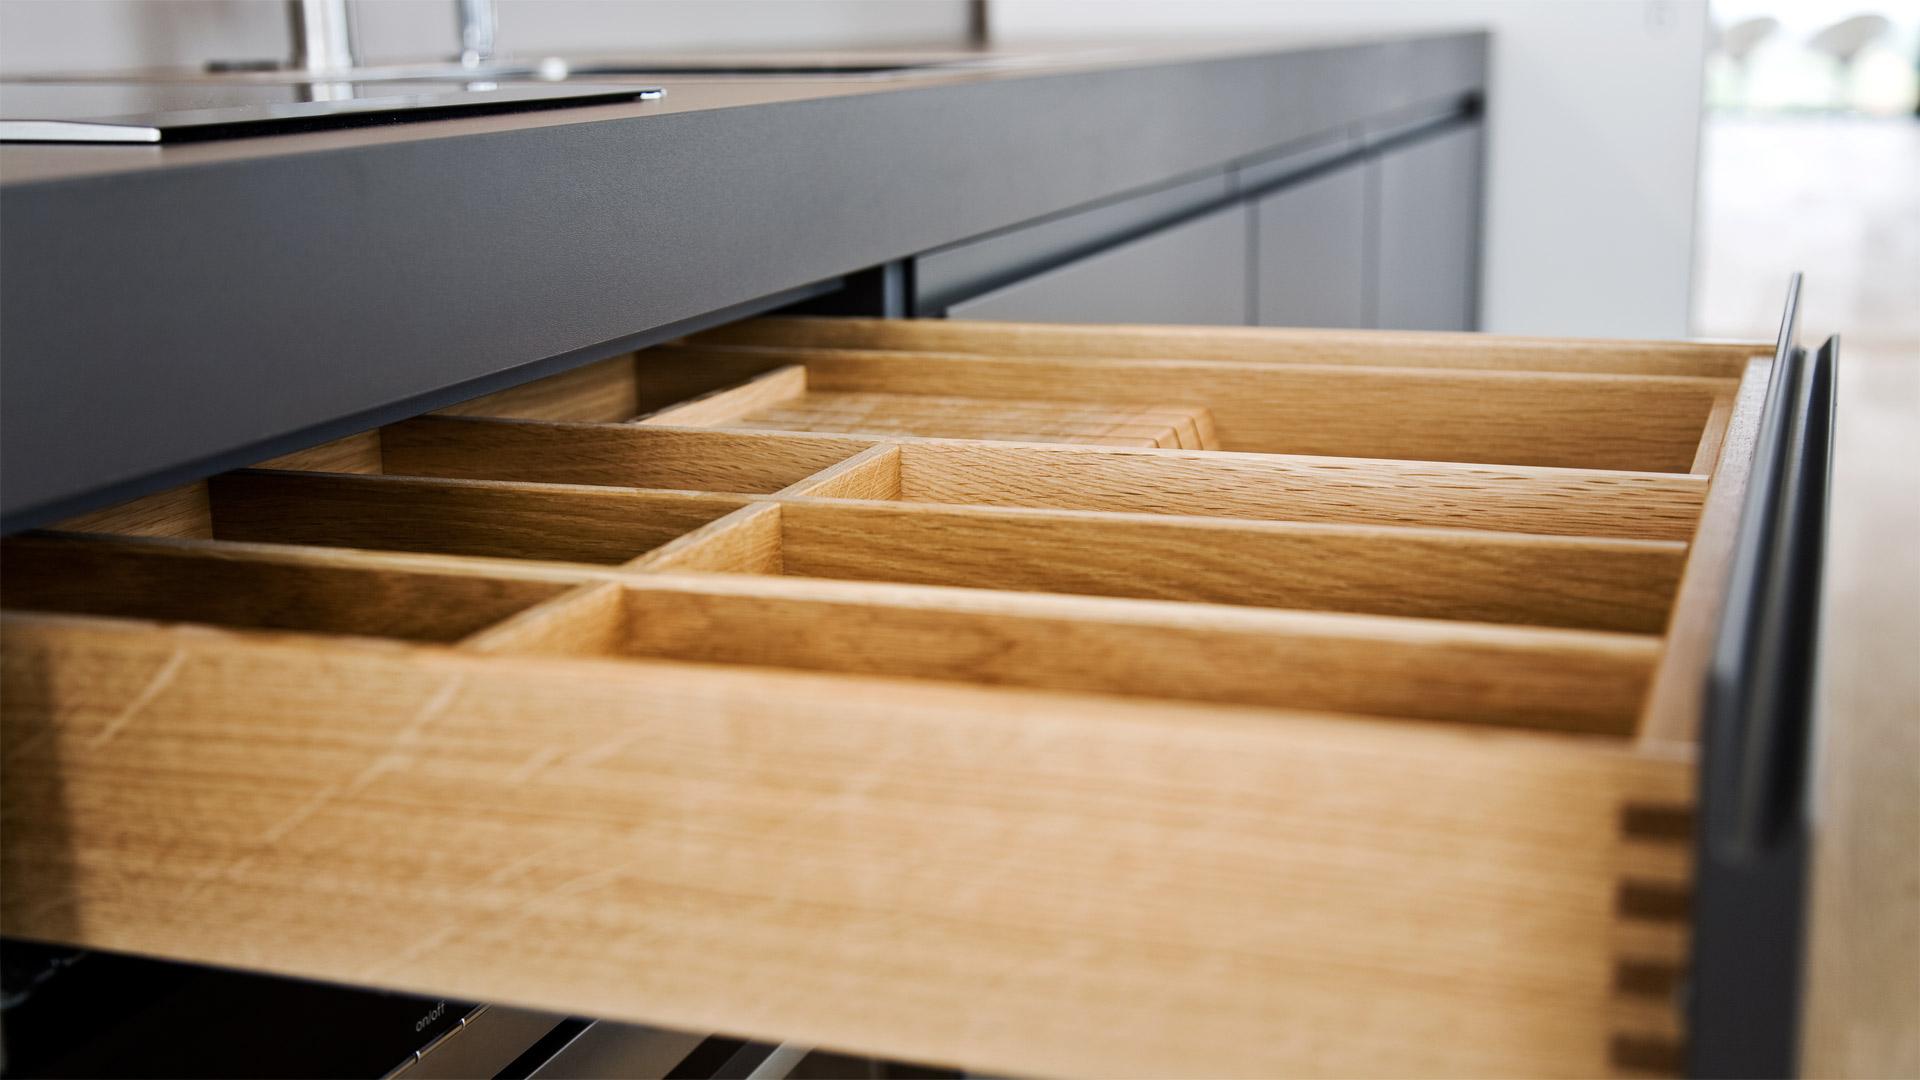 hochwertiger innenausbau und m blierung. Black Bedroom Furniture Sets. Home Design Ideas